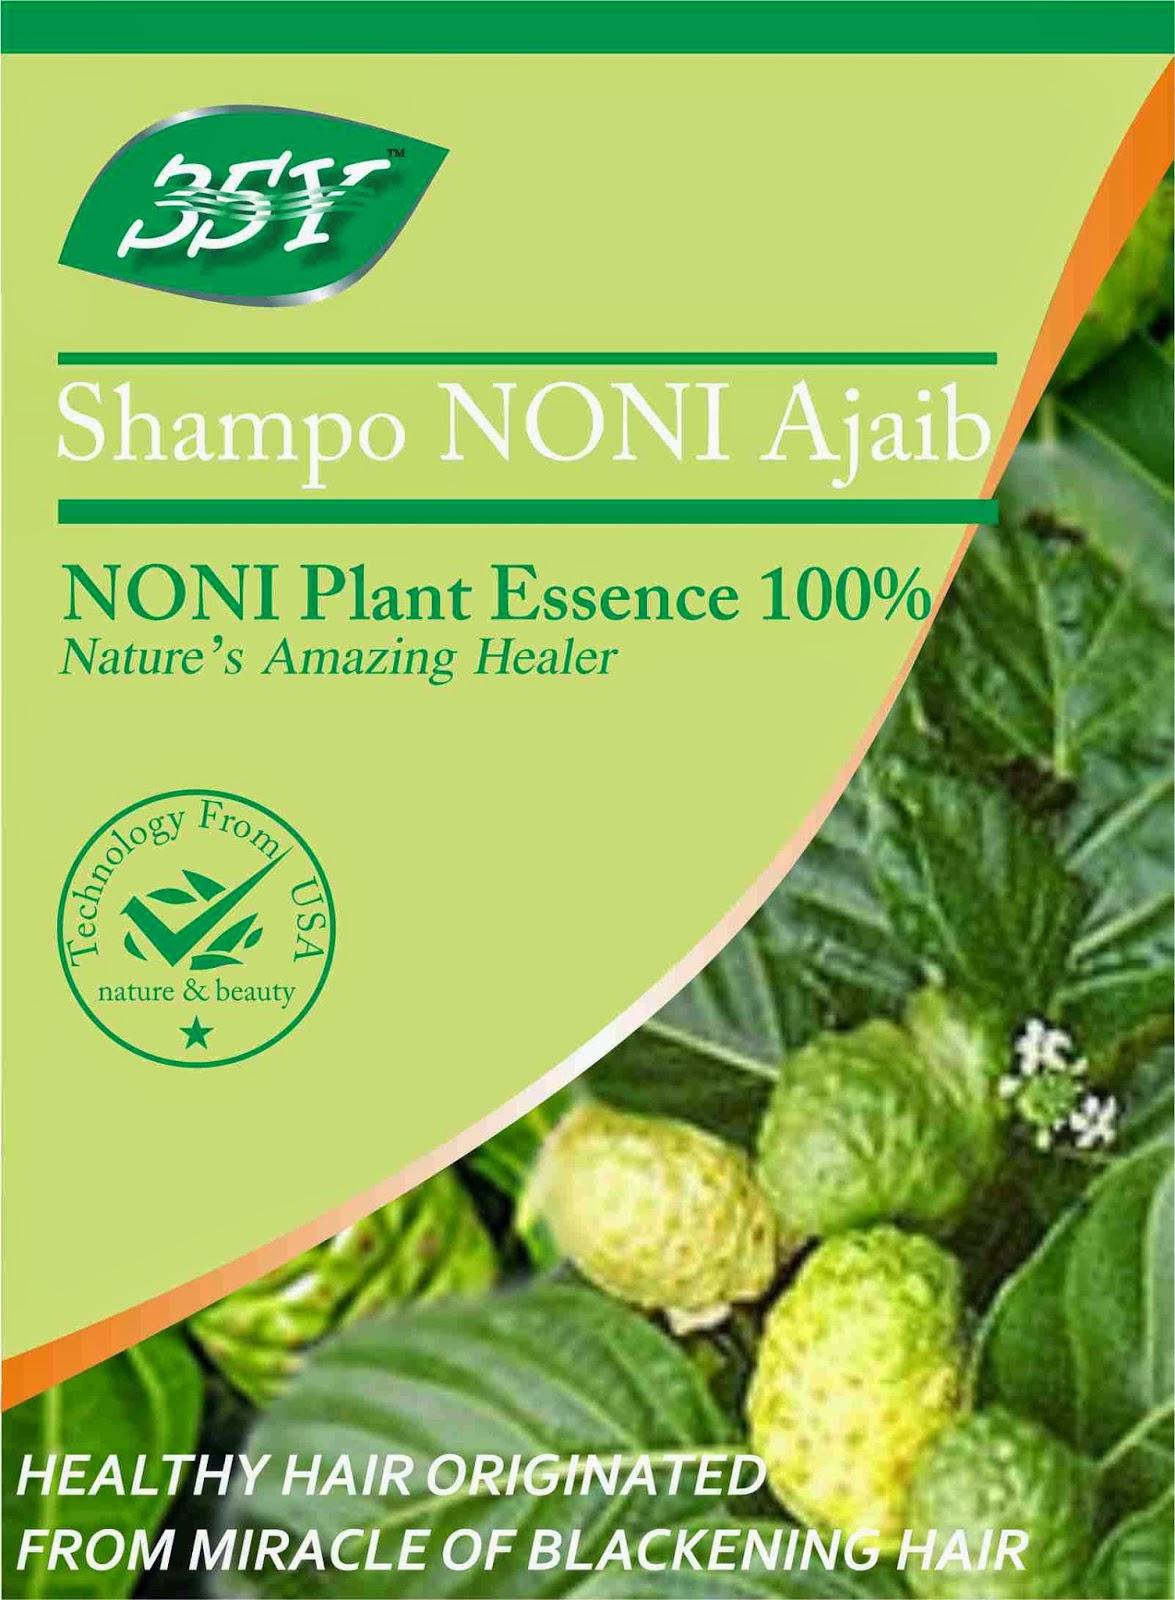 Manfaat Shampo Noni